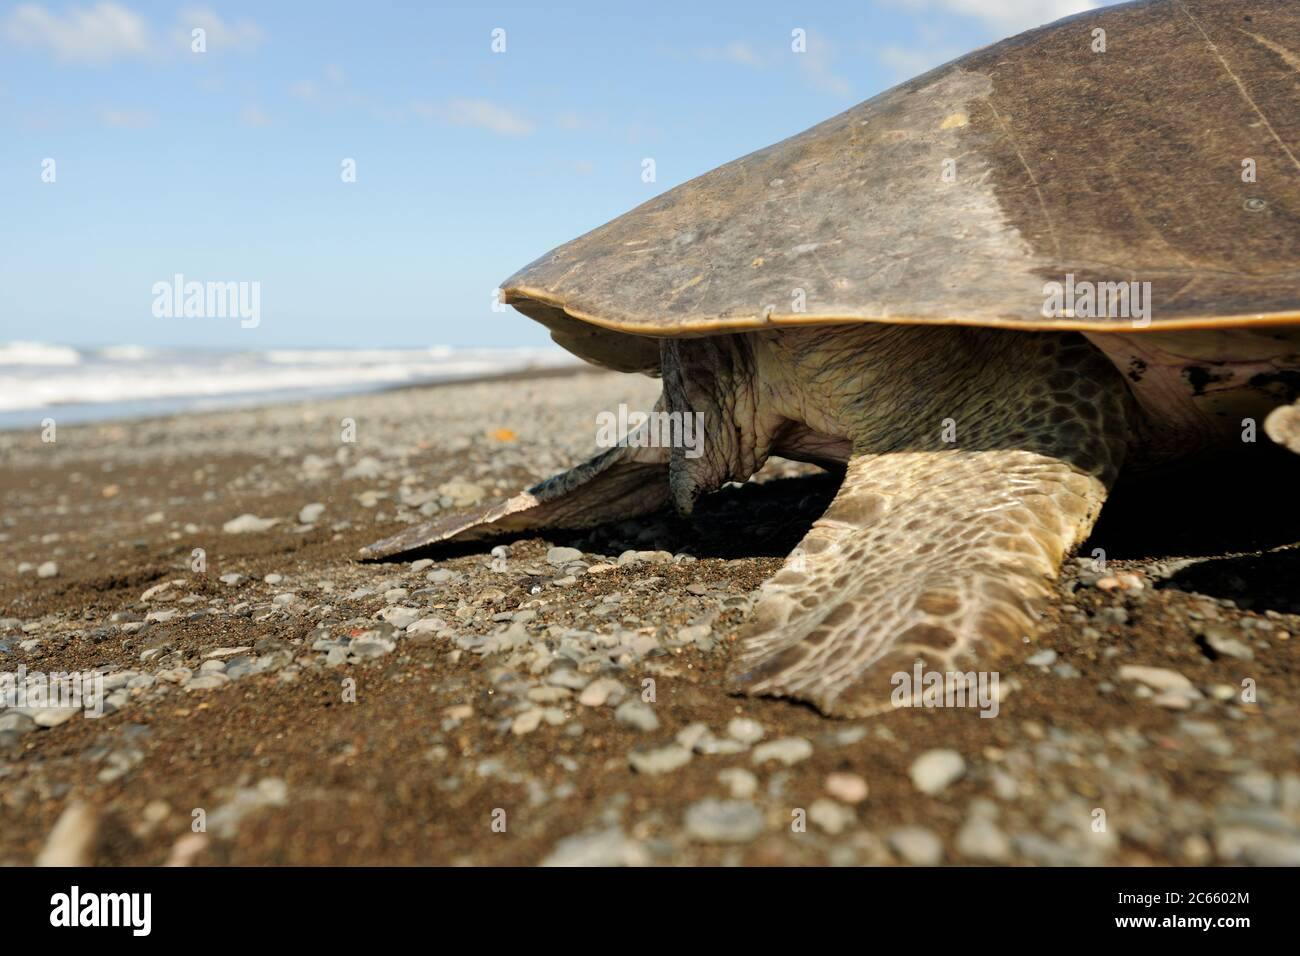 Mirando a una tortuga marina madura como esta ridley de oliva (Lepidochelys olivacea) se puede decir fácilmente el género: Una hembra tiene una cola corta, como se ve aquí, mientras que un macho tiene una cola larga y muscular que sobresale claramente por el borde del caparazón. Foto de stock